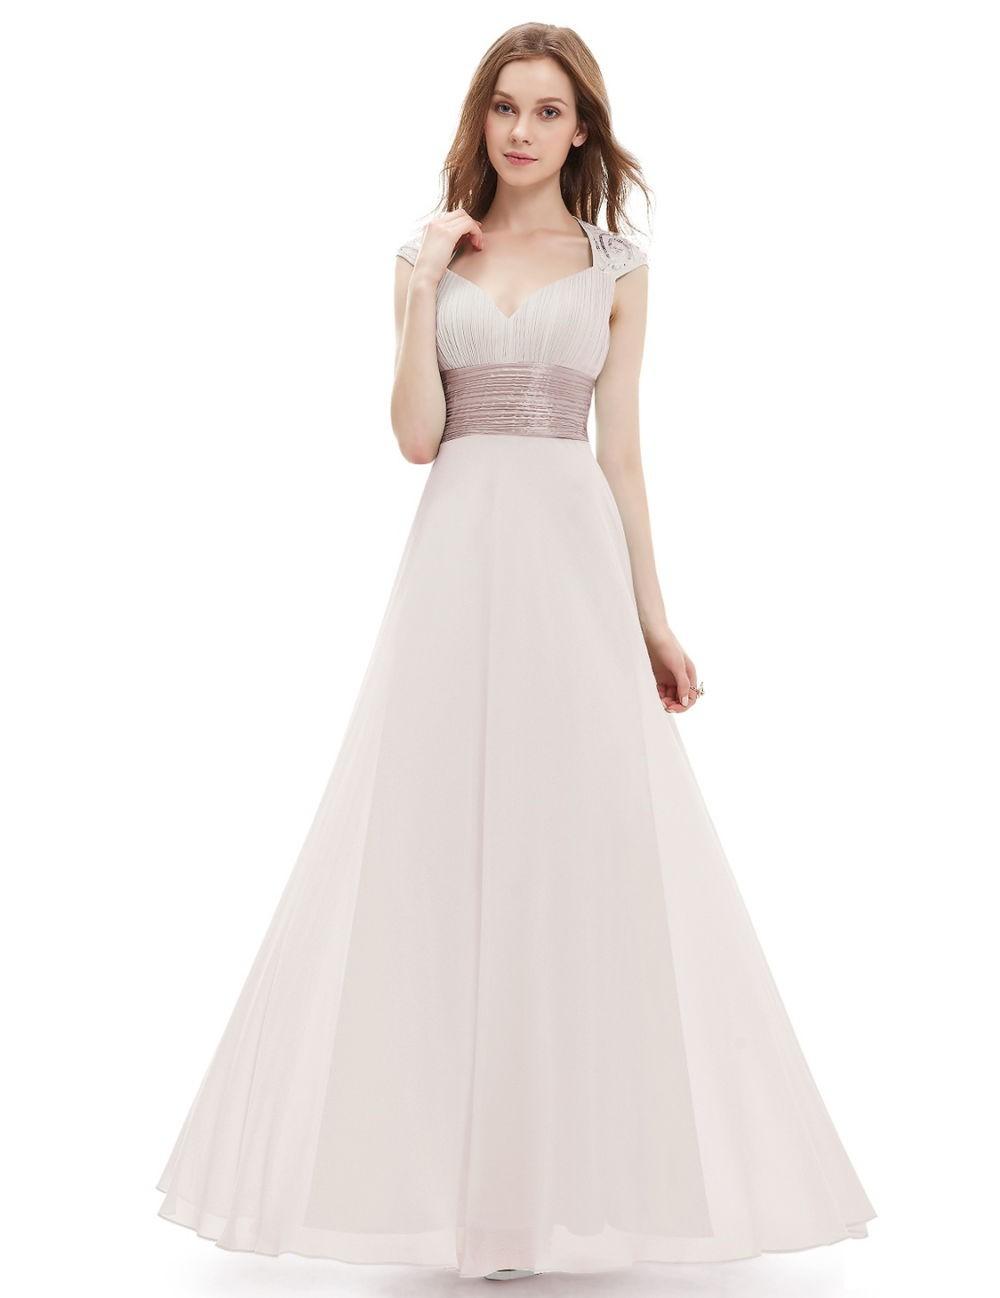 вечернее кремовое платье 2018 года воздушное с поясом мода тенденции фото